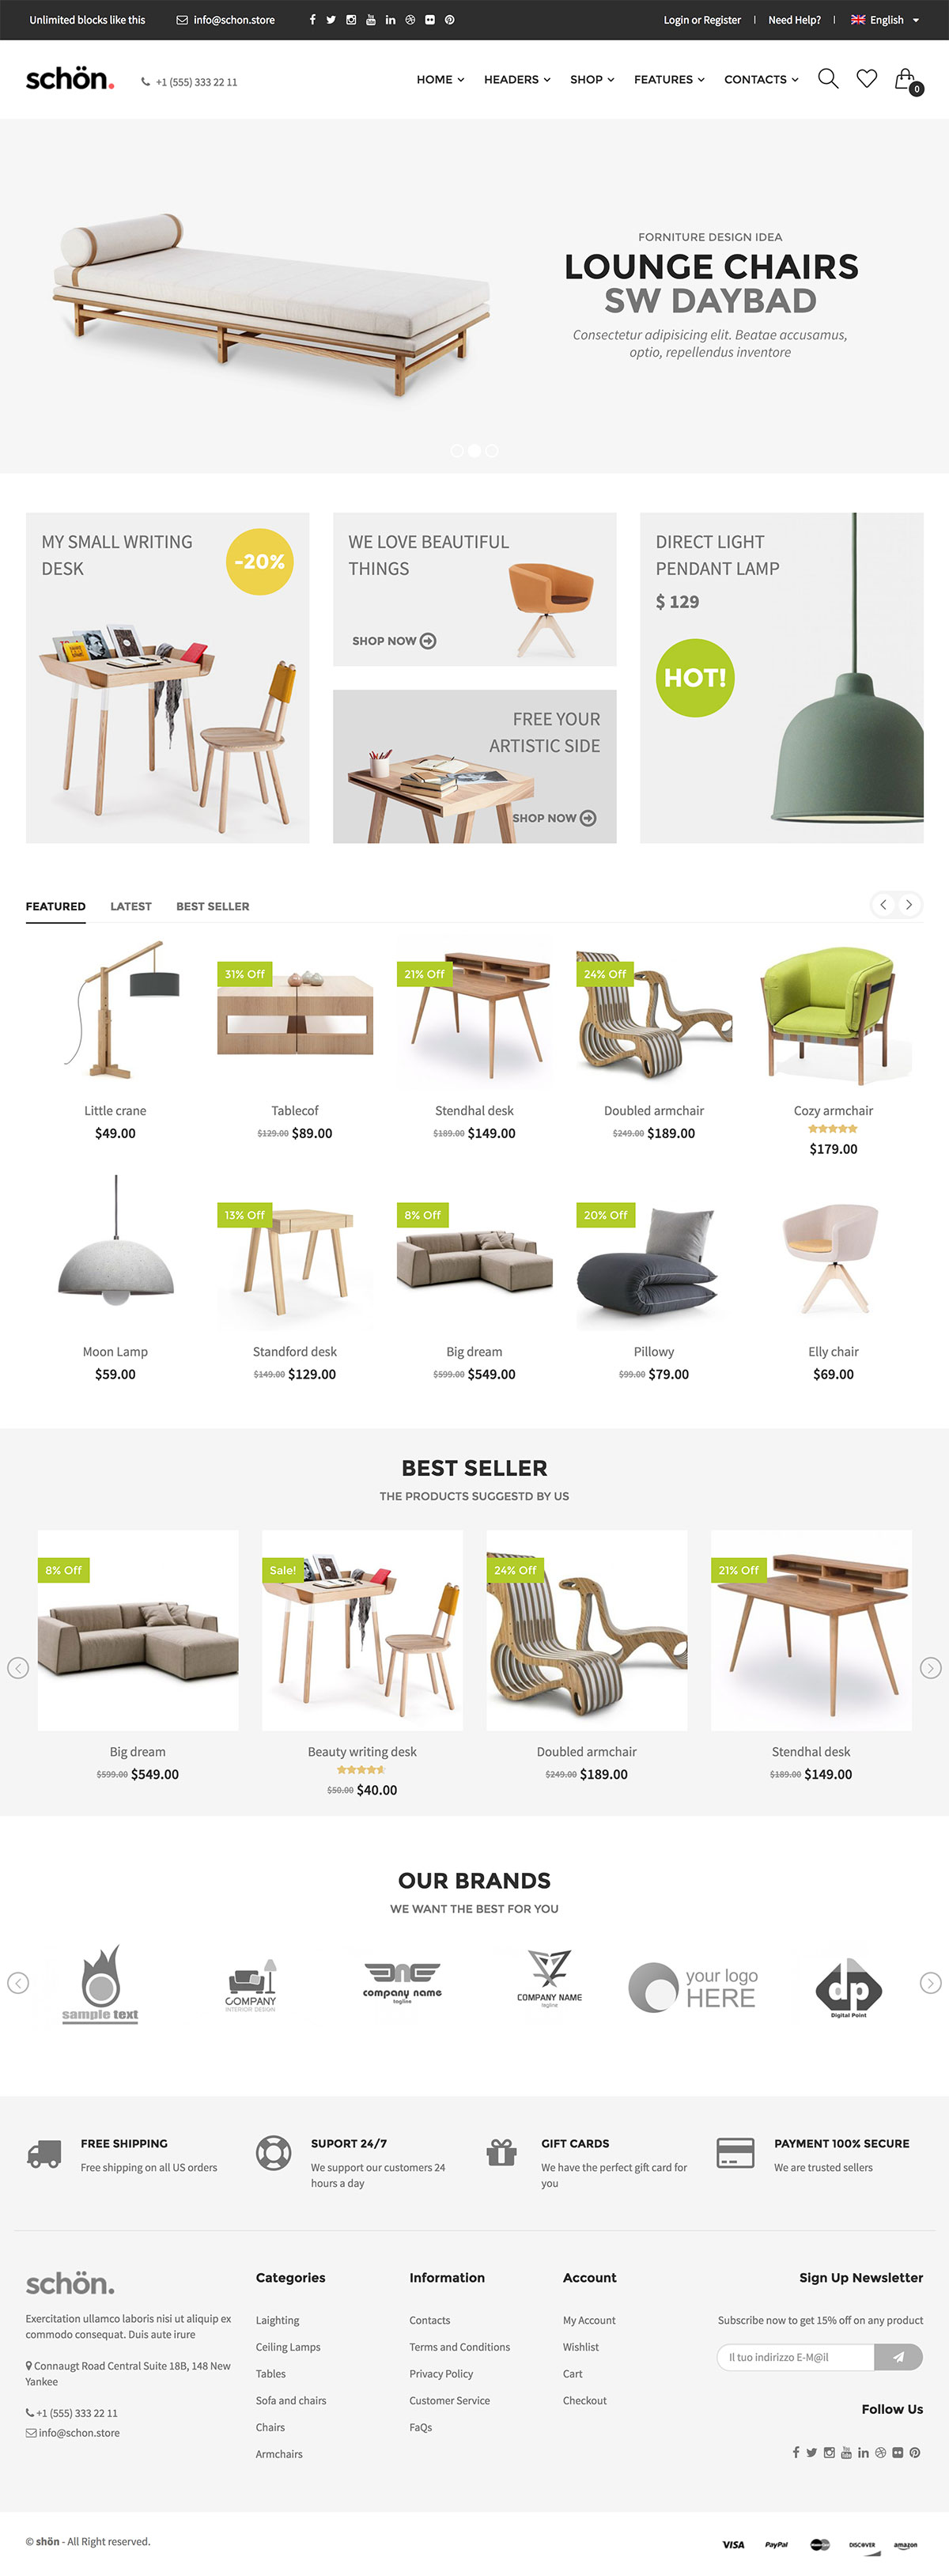 Schön - Modern, Clean & Responsive WooCommerce Theme